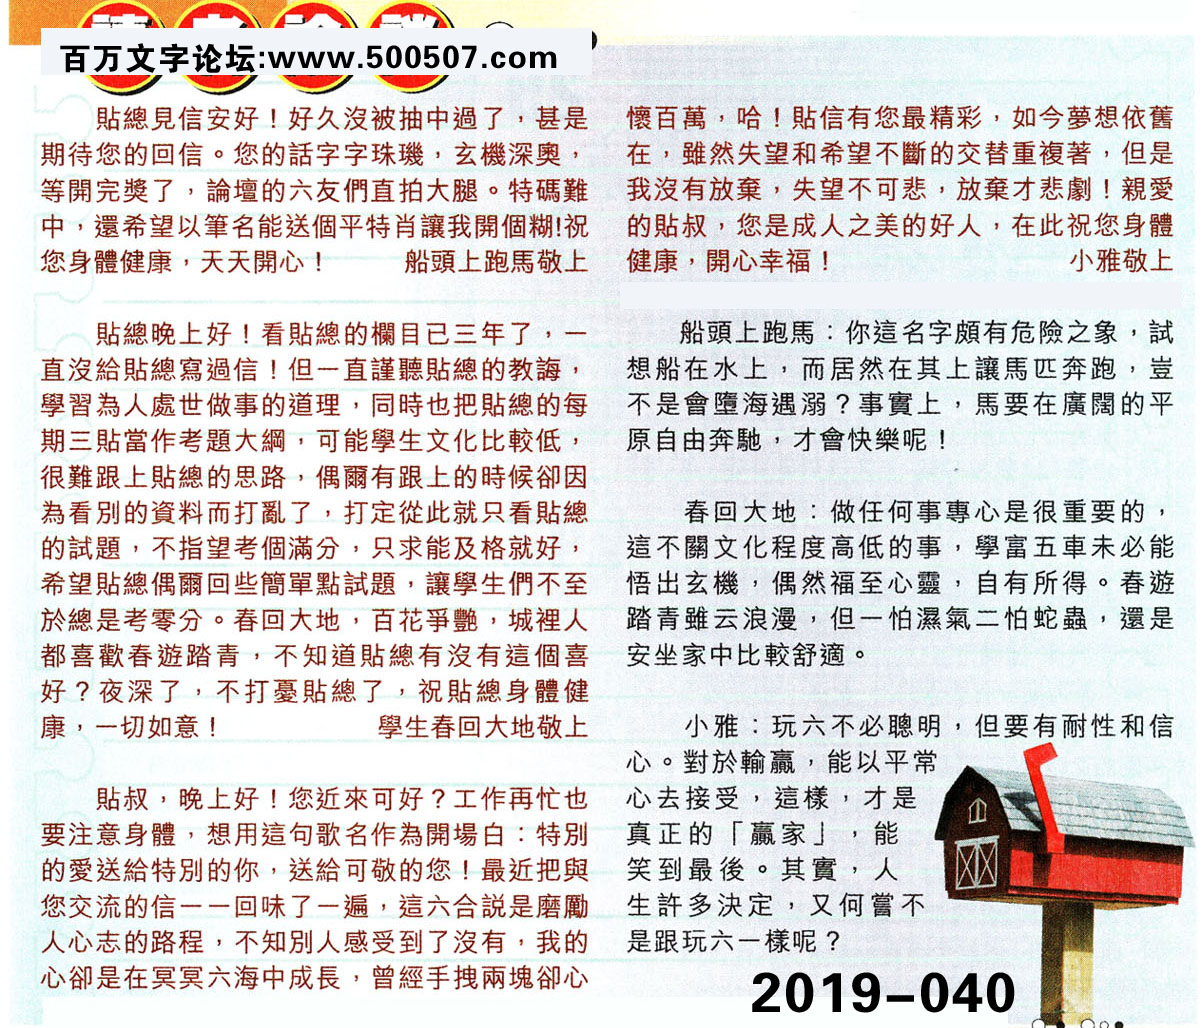 040期:彩民推荐�N信�x者���